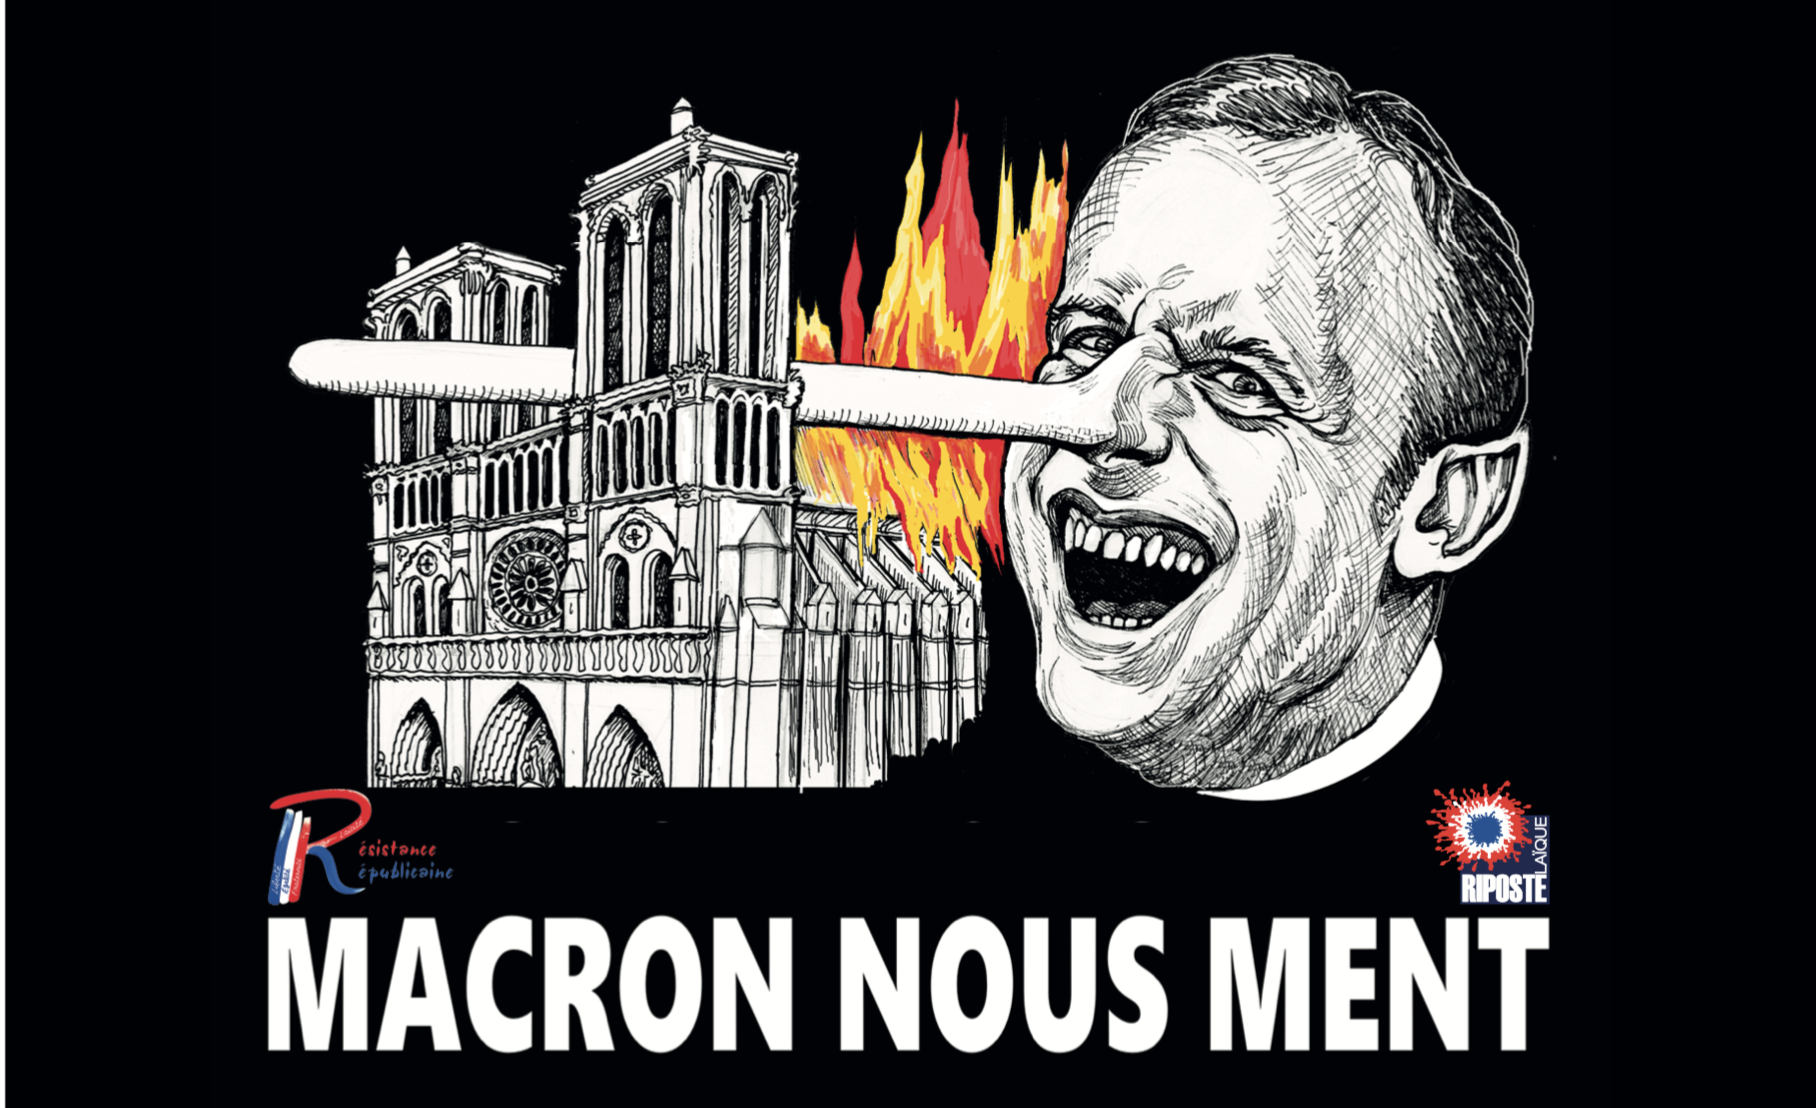 50 000 lecteurs de RL-RR collant chacun 20 autocollants, ça ferait 1 million de gifles pour Macron